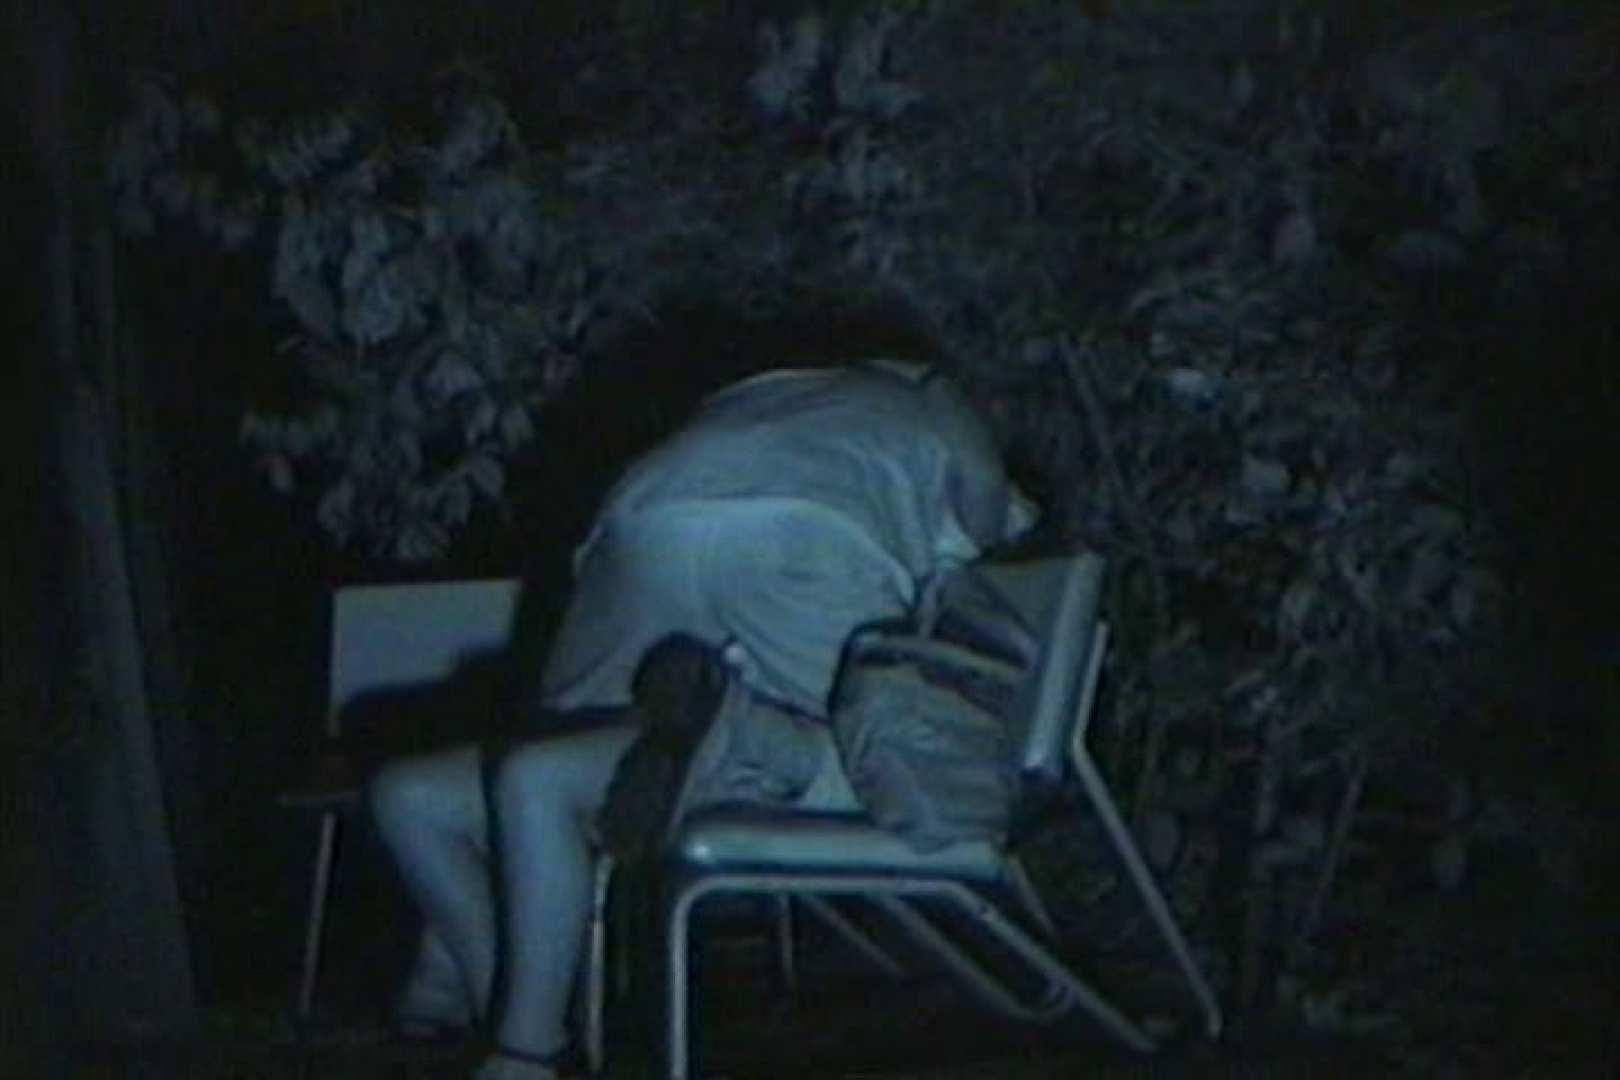 闇の仕掛け人 無修正版 Vol.25 美しいOLの裸体  102pic 32